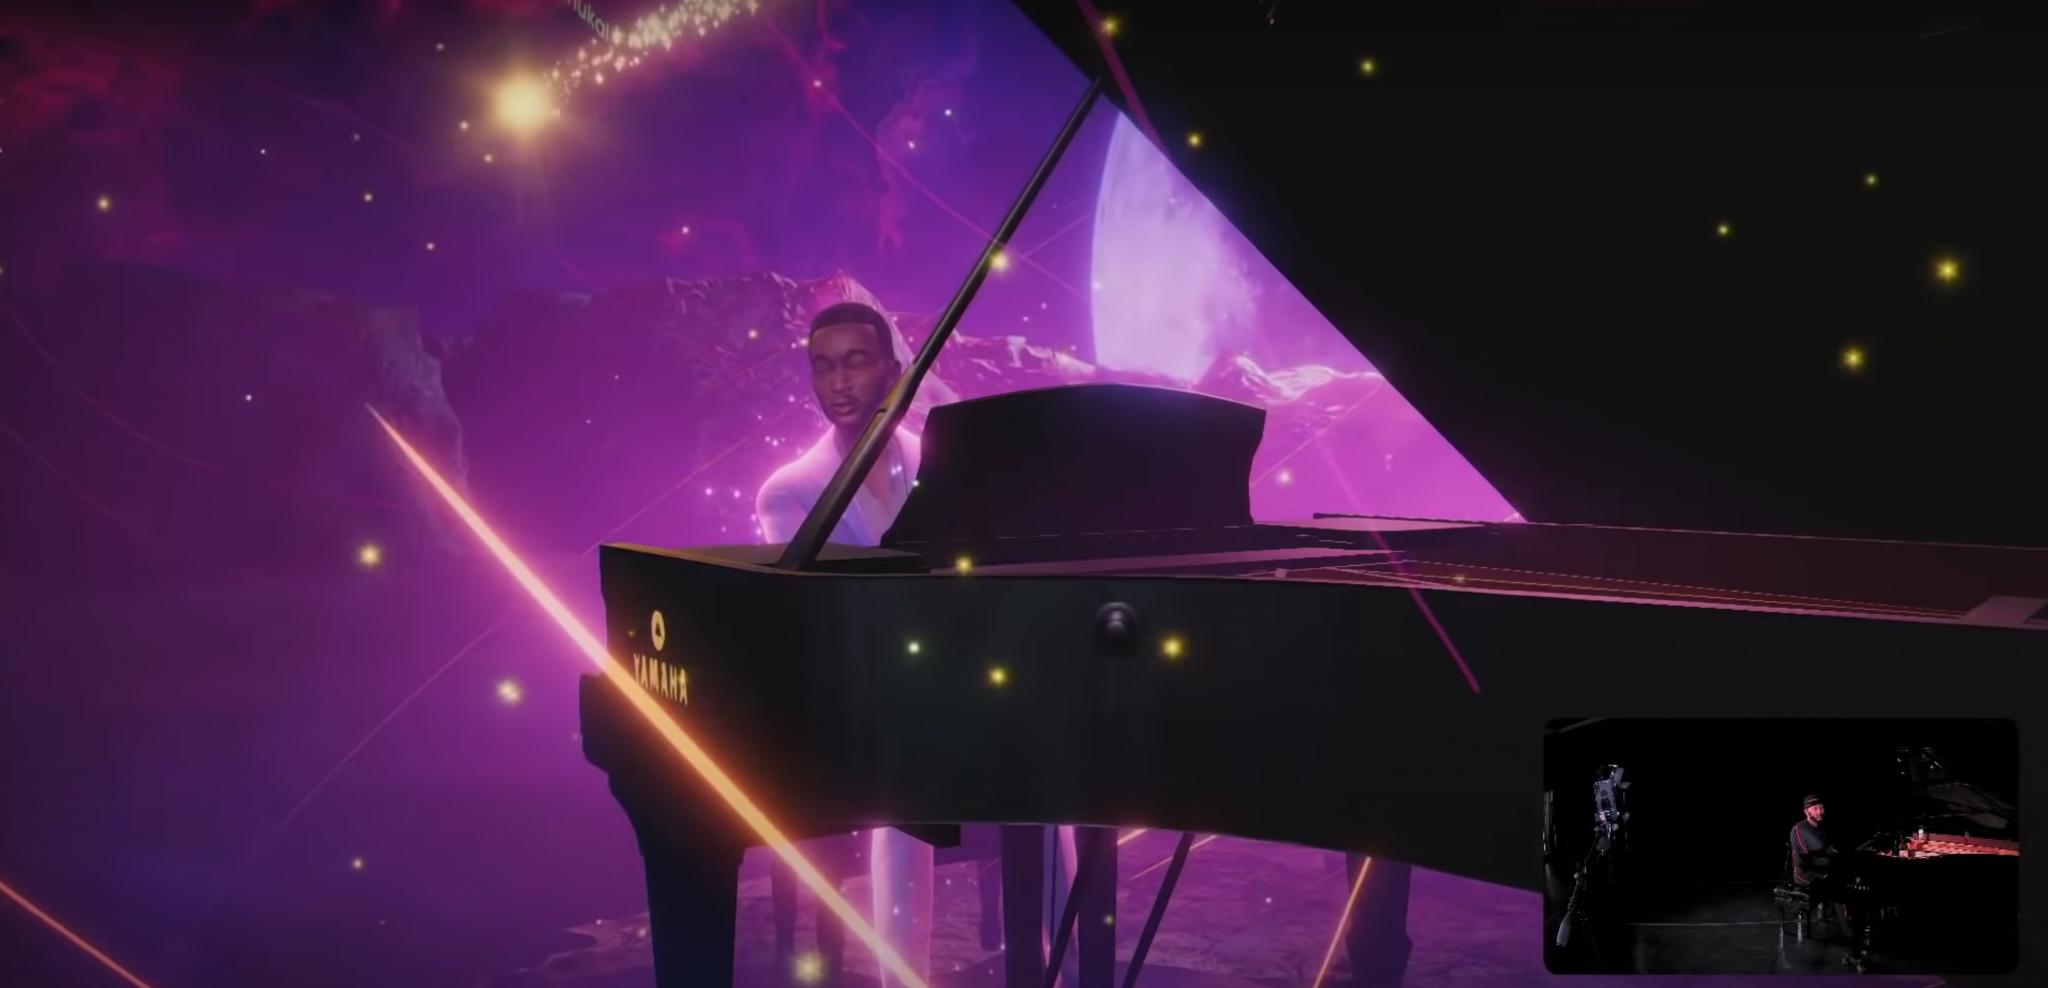 Warner Music Group Invests In Virtual Concerts platform Wave